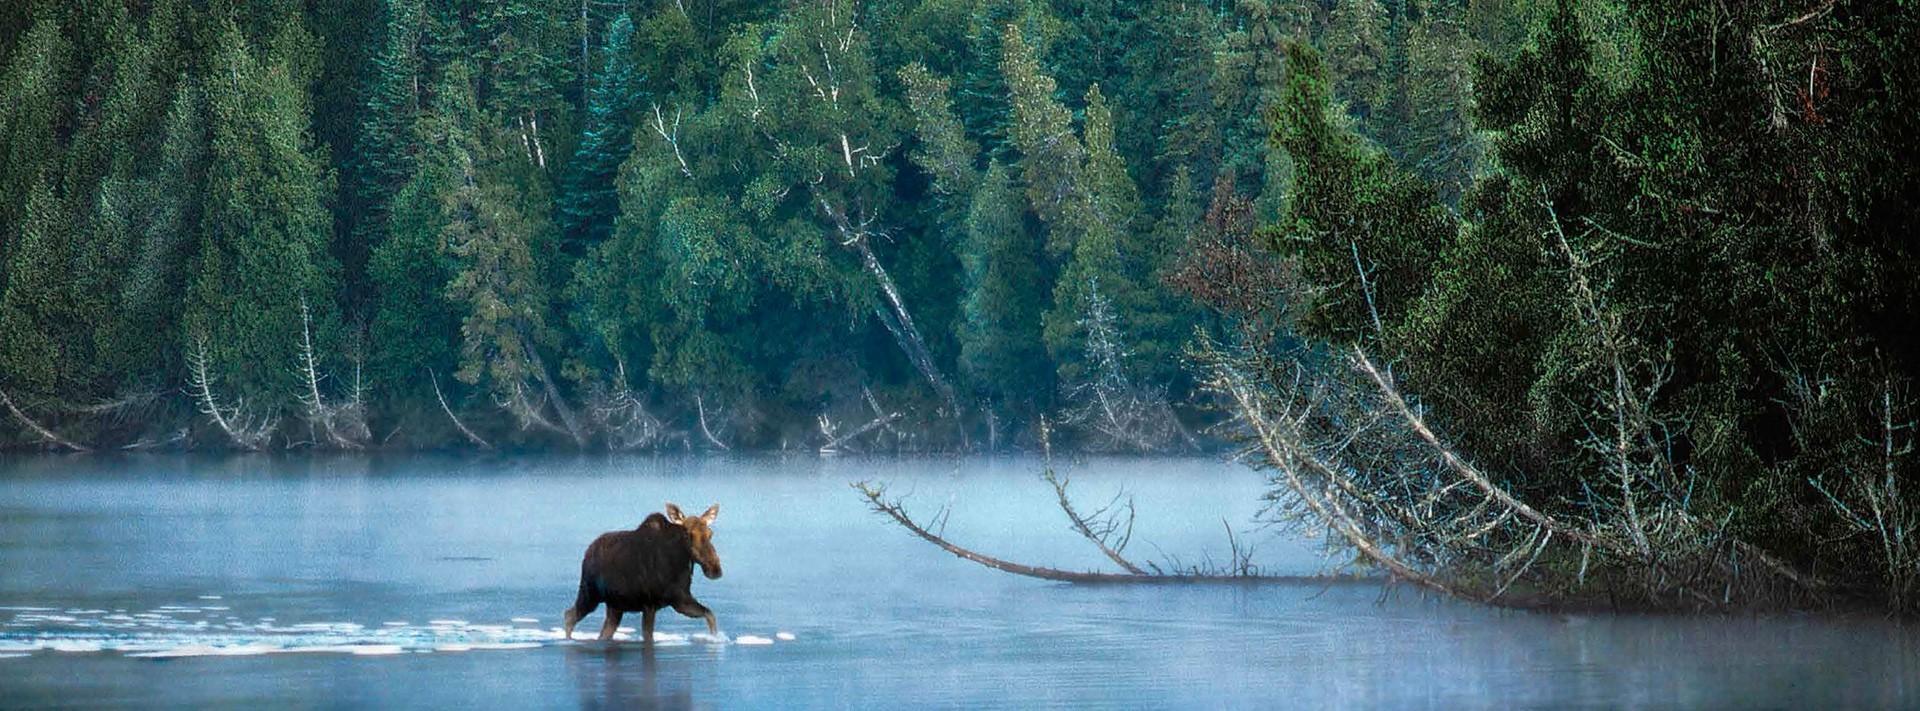 Collection de beaux-livres de nature et de paysages du monde entier